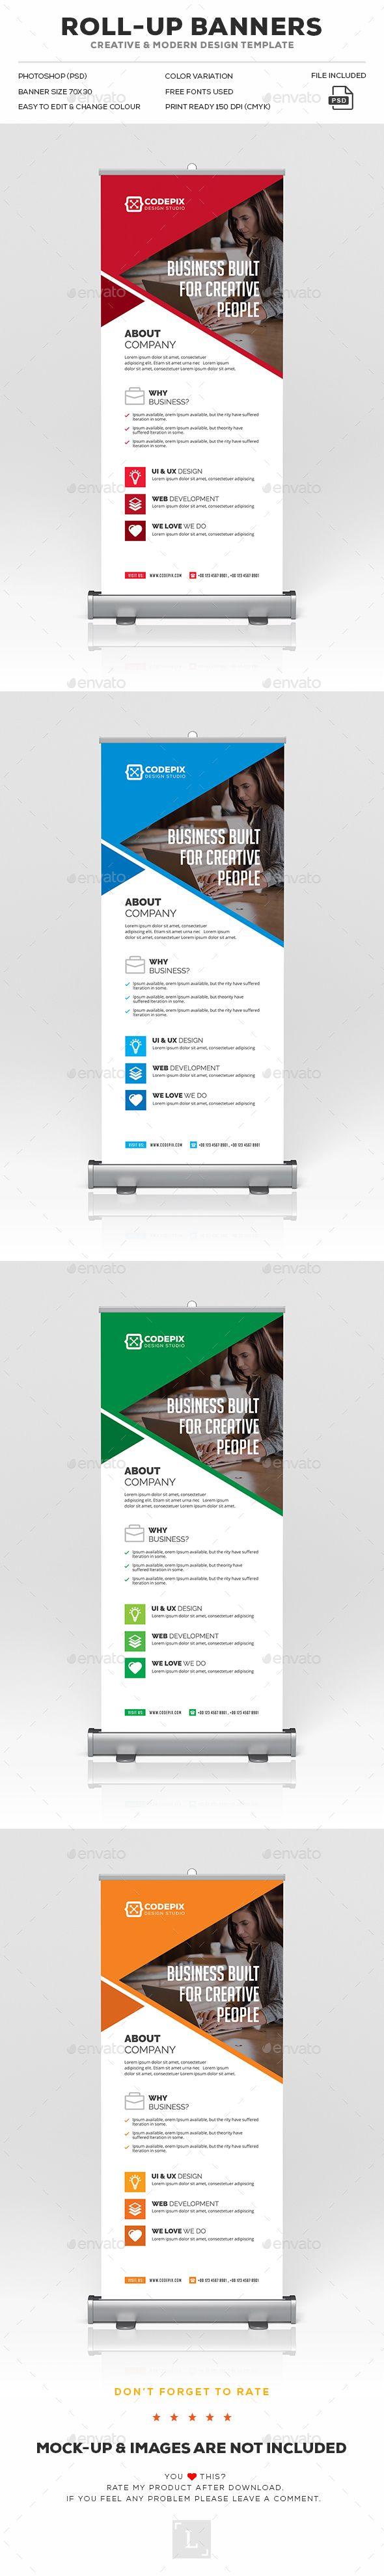 7 best Rebranding Ideas images on Pinterest